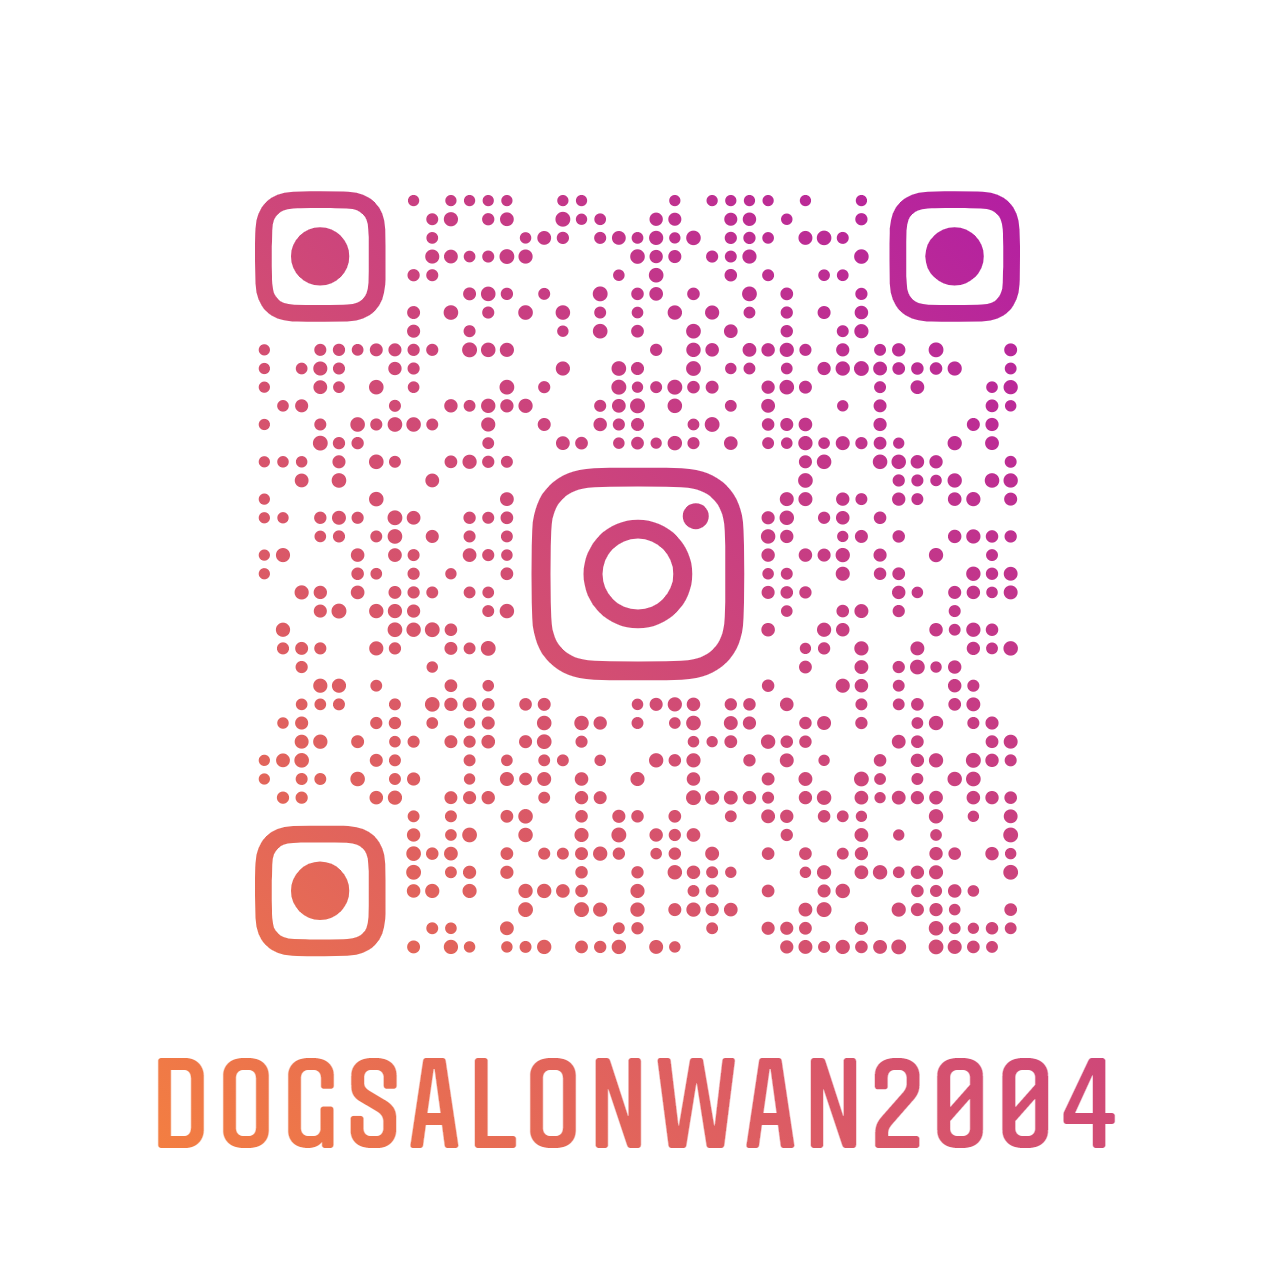 dogsalonwan2004_nametag_202107181353191c4.png